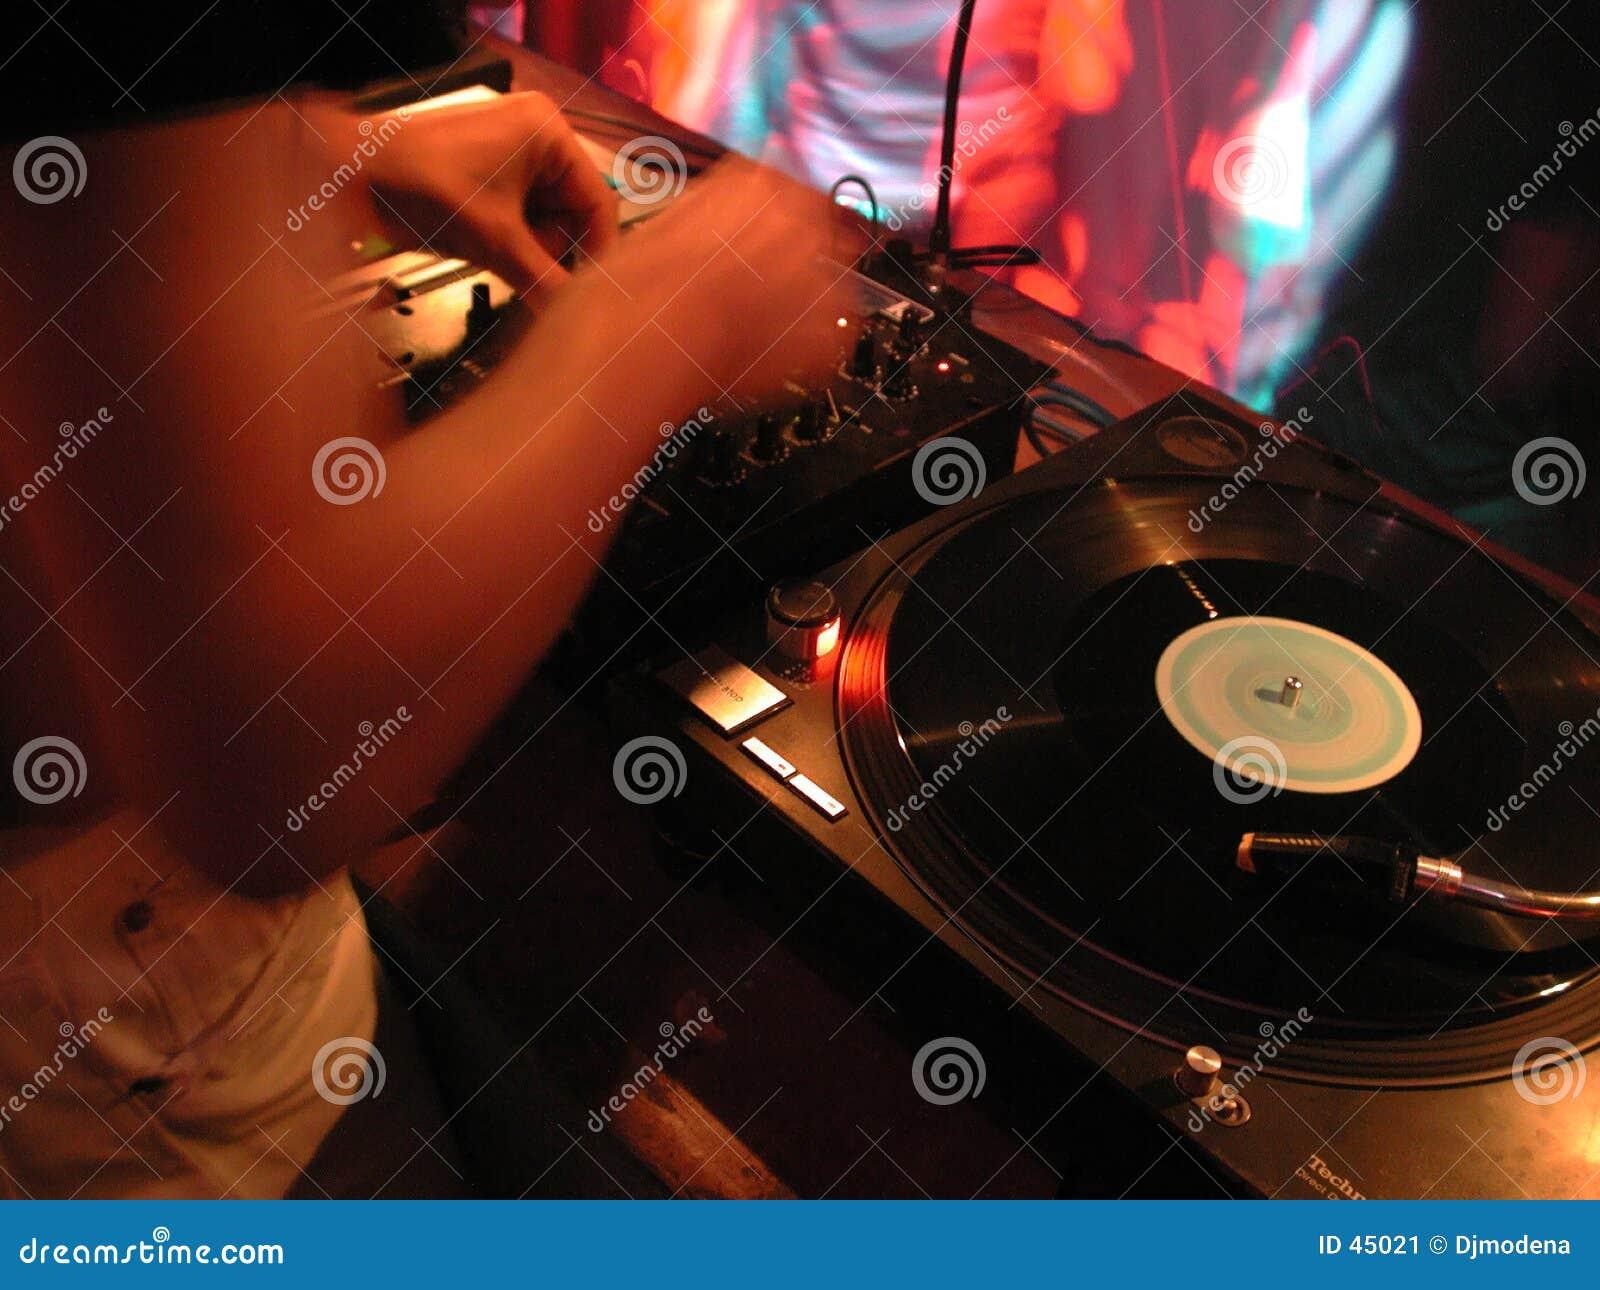 Le DJ aux plaques tournantes